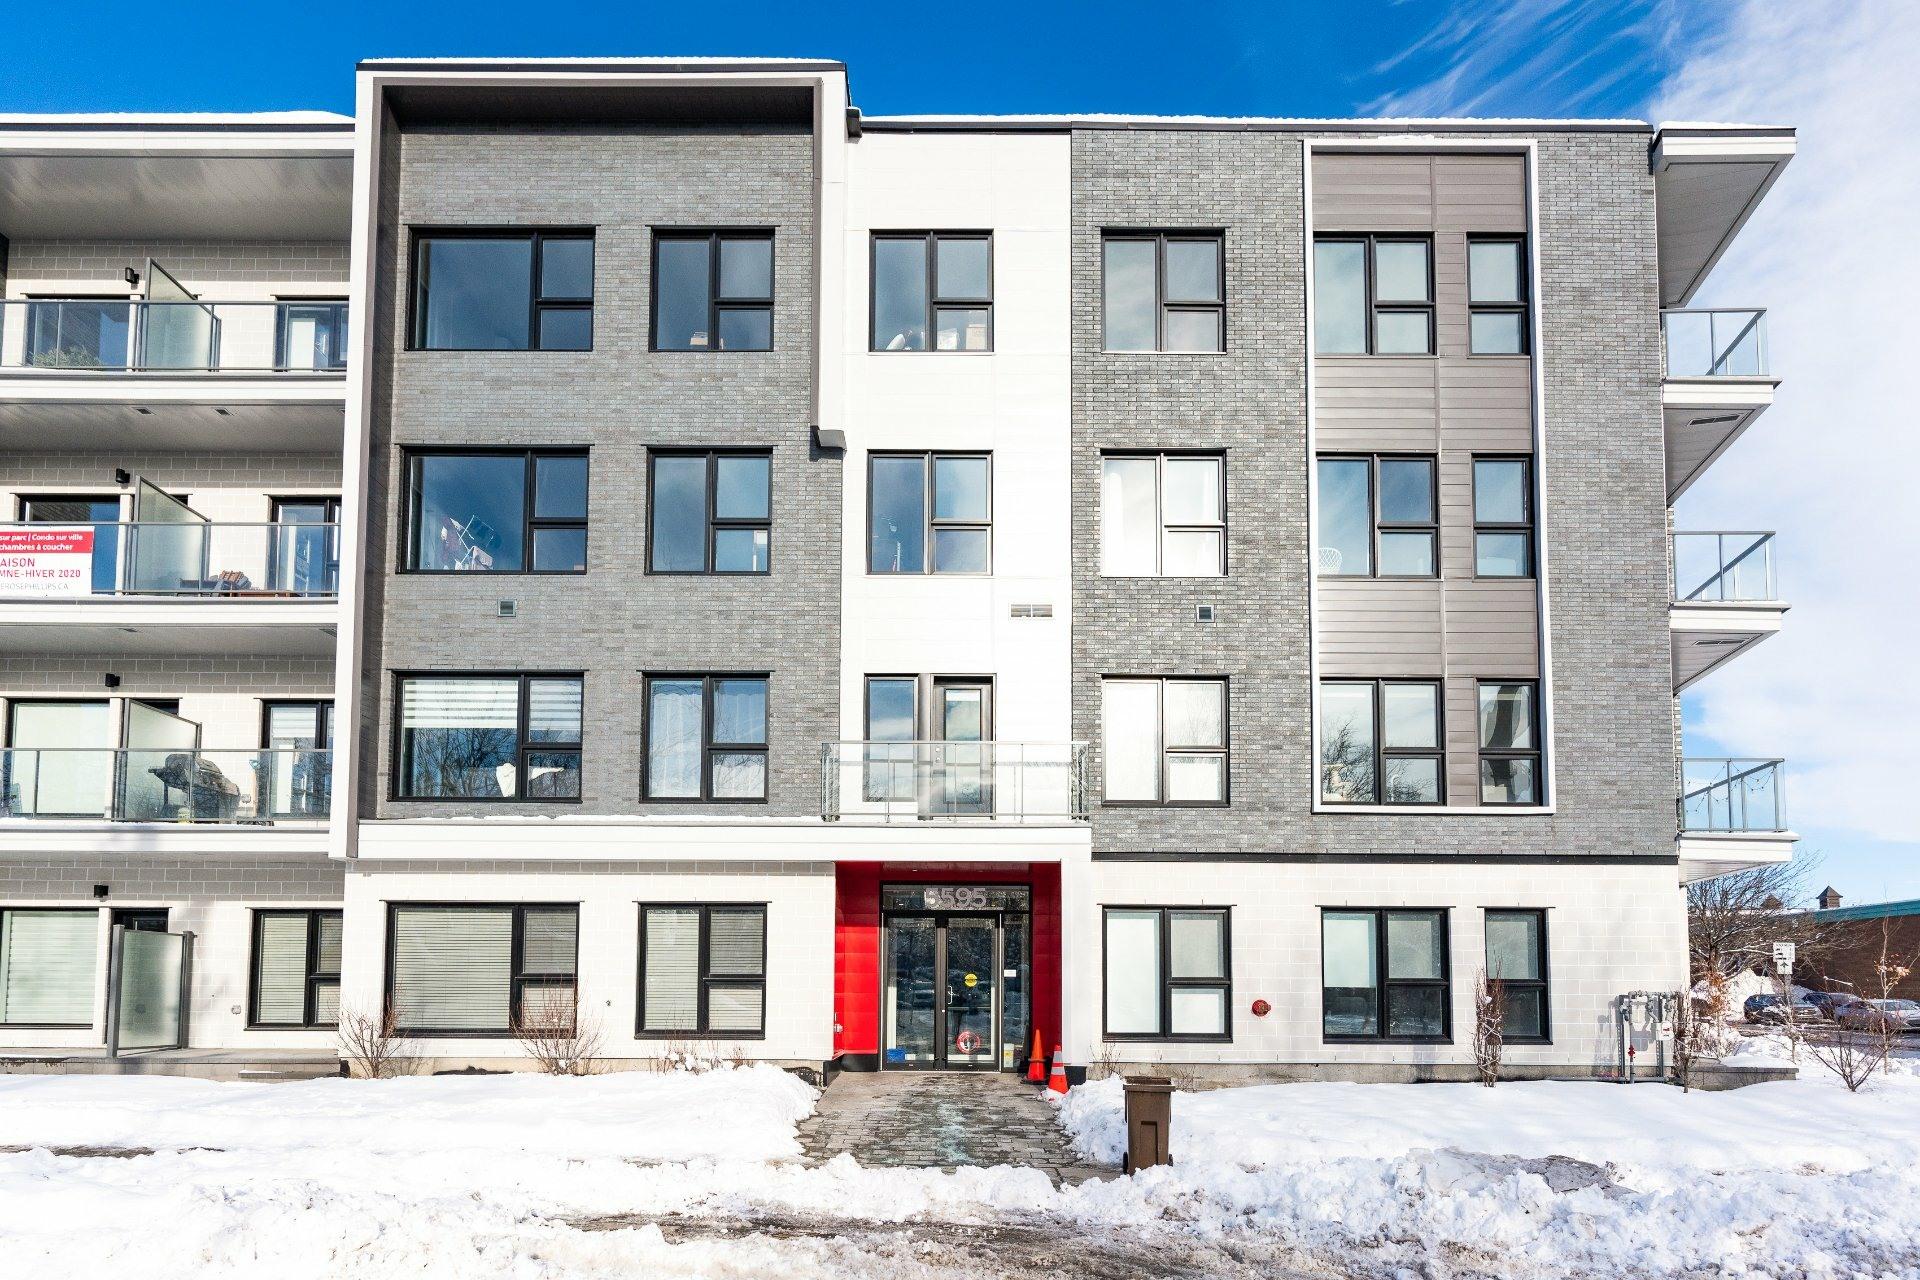 image 19 - Appartement À louer Rosemont/La Petite-Patrie Montréal  - 7 pièces